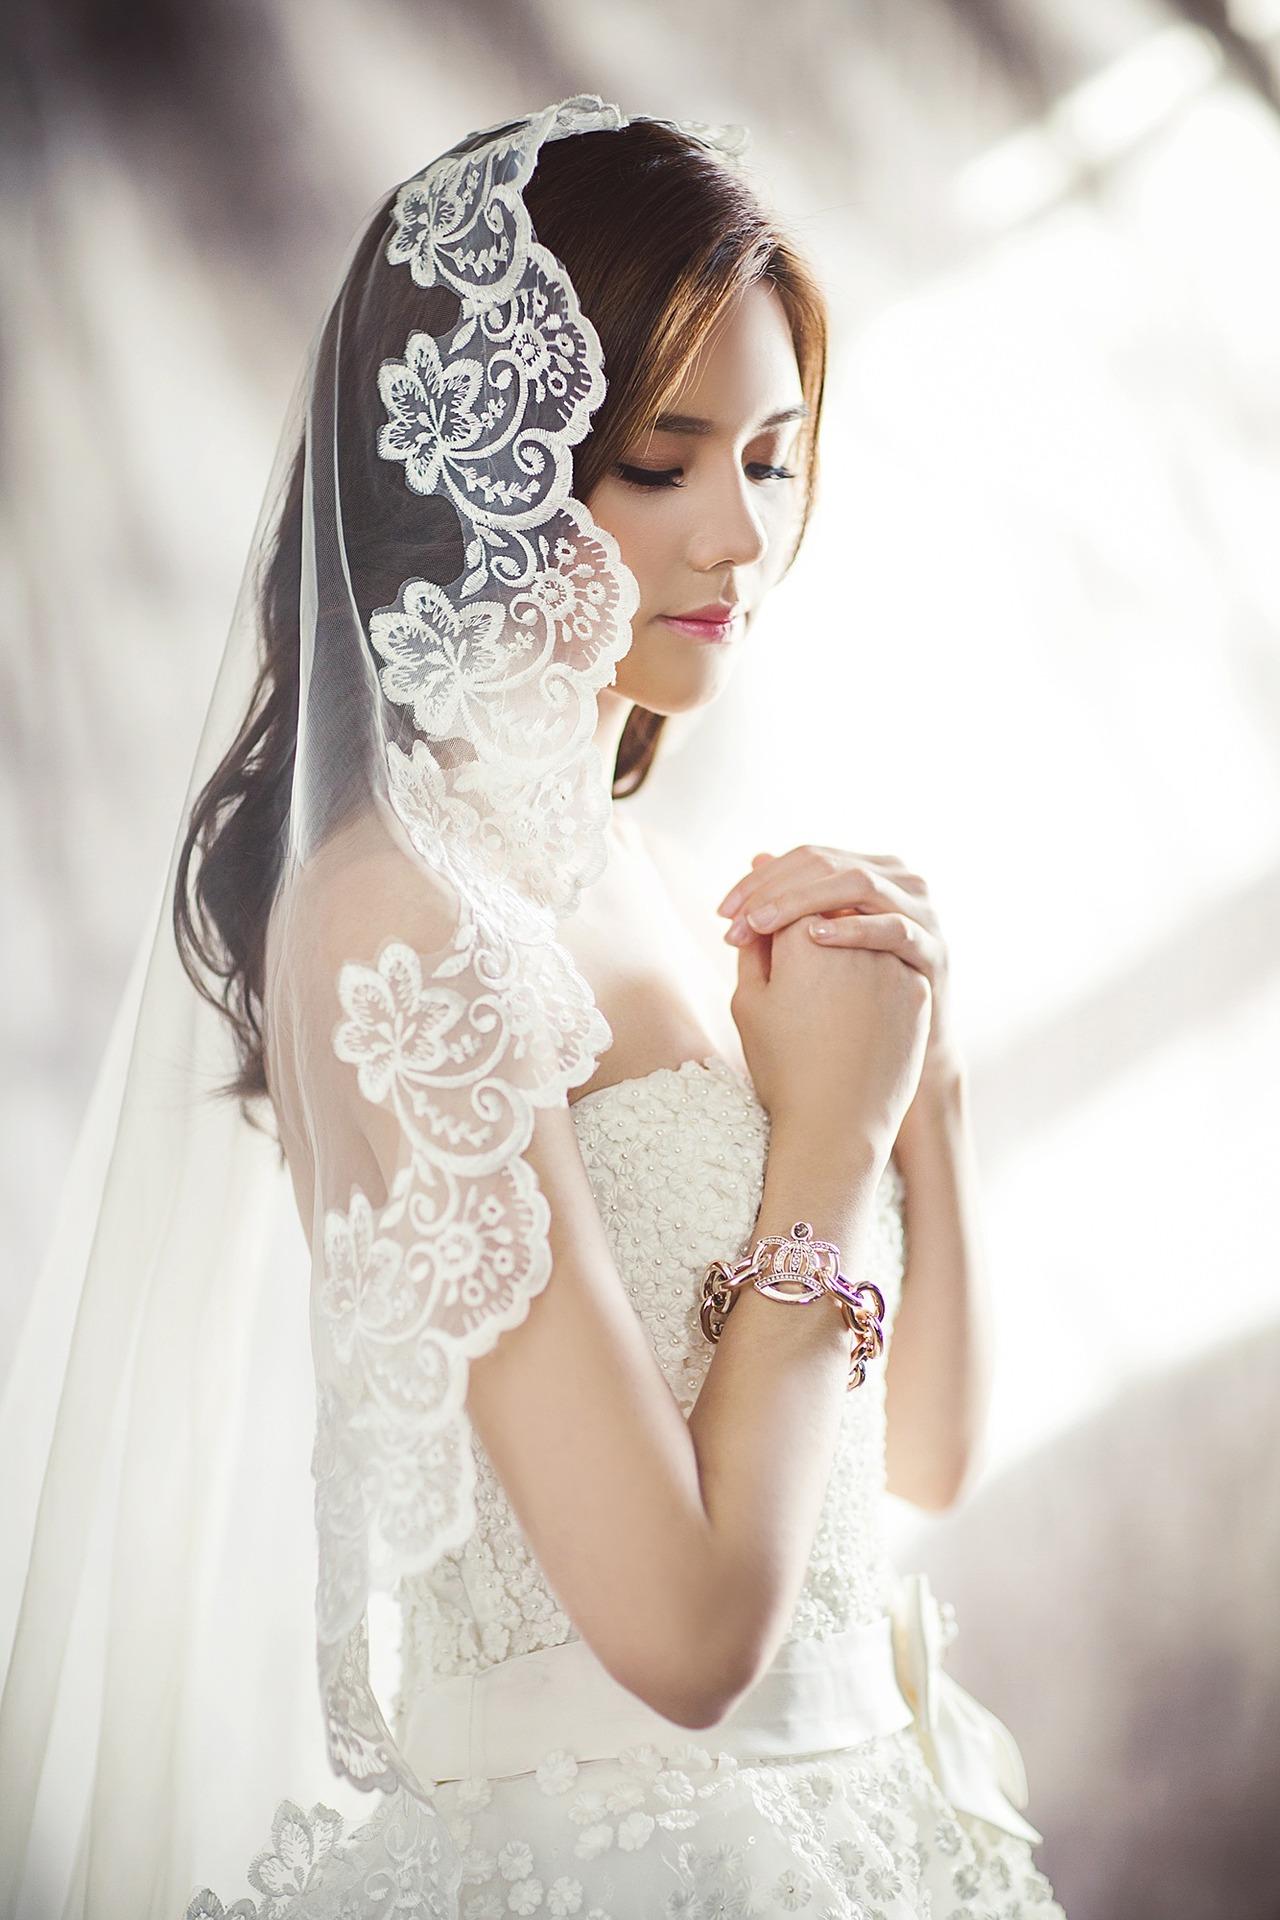 訂婚戒指應該選擇多大份量的鑽石